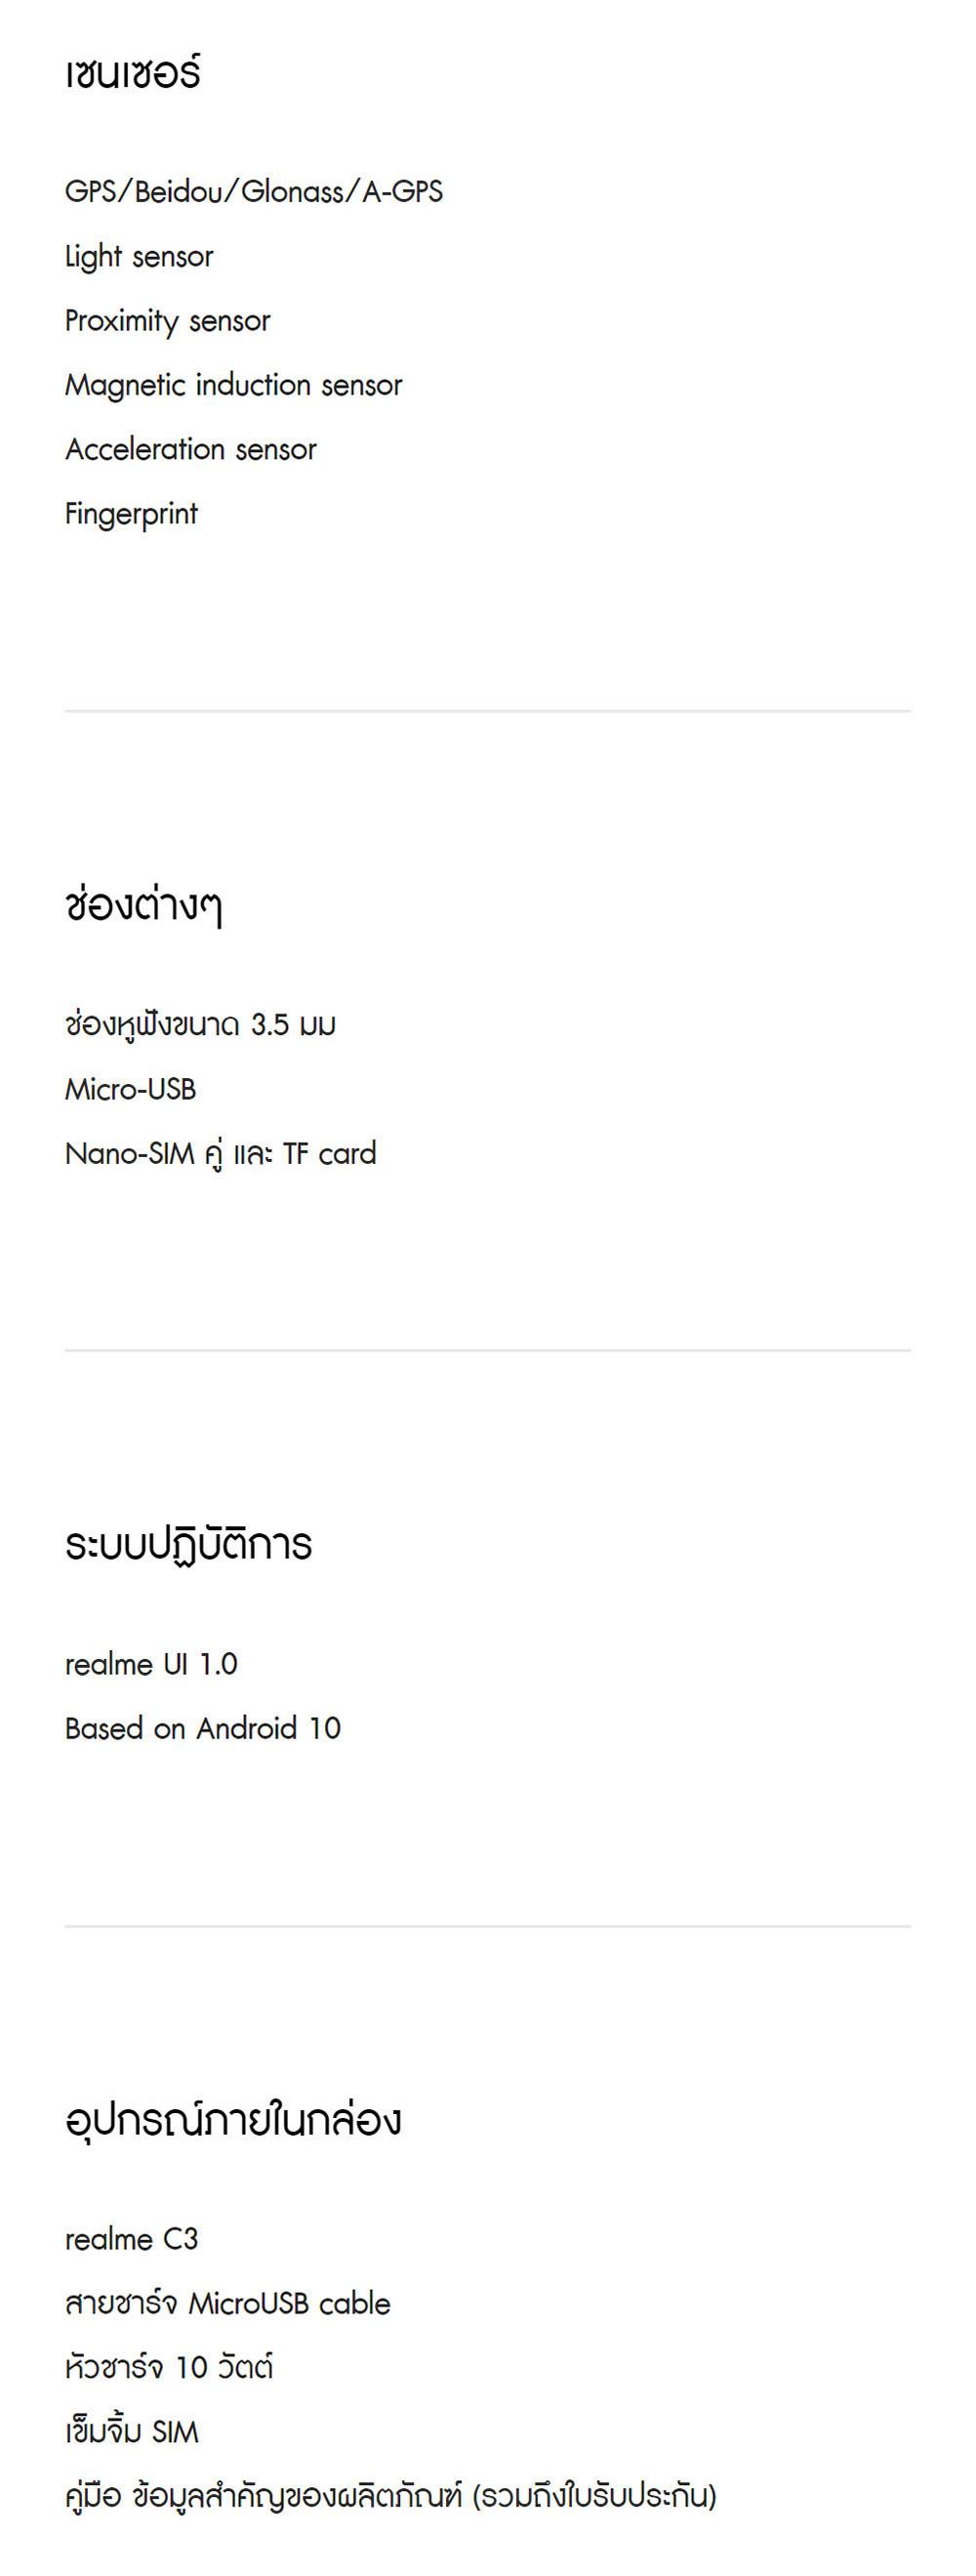 realme-c3-ram-3gb--rom-32gb-2_4.jpg